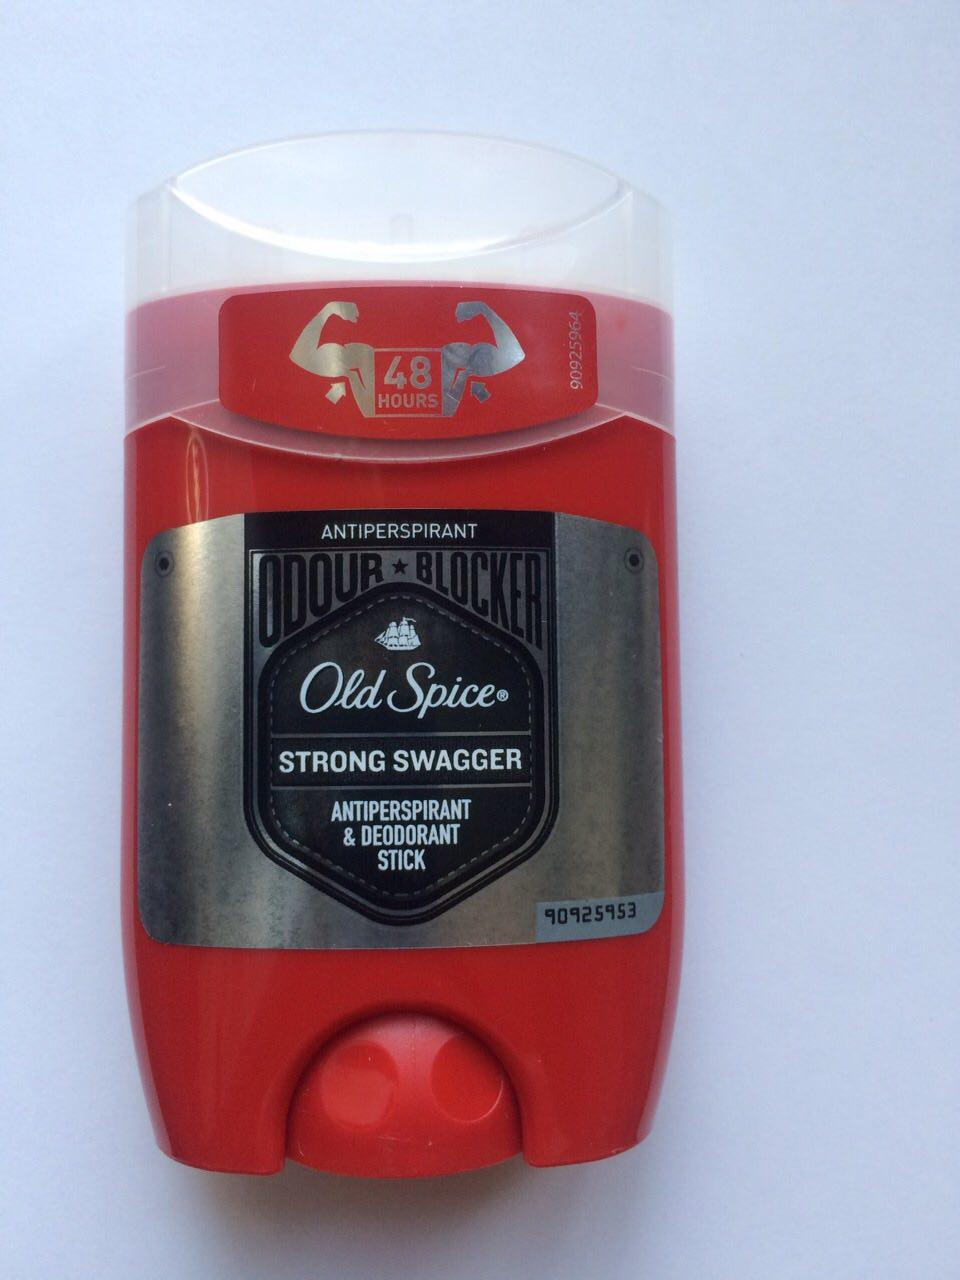 Твердый мужской дезодорант антиперспирант Old Spice Strong Swagger 50 мл. (Олдспайс Швагер стик)